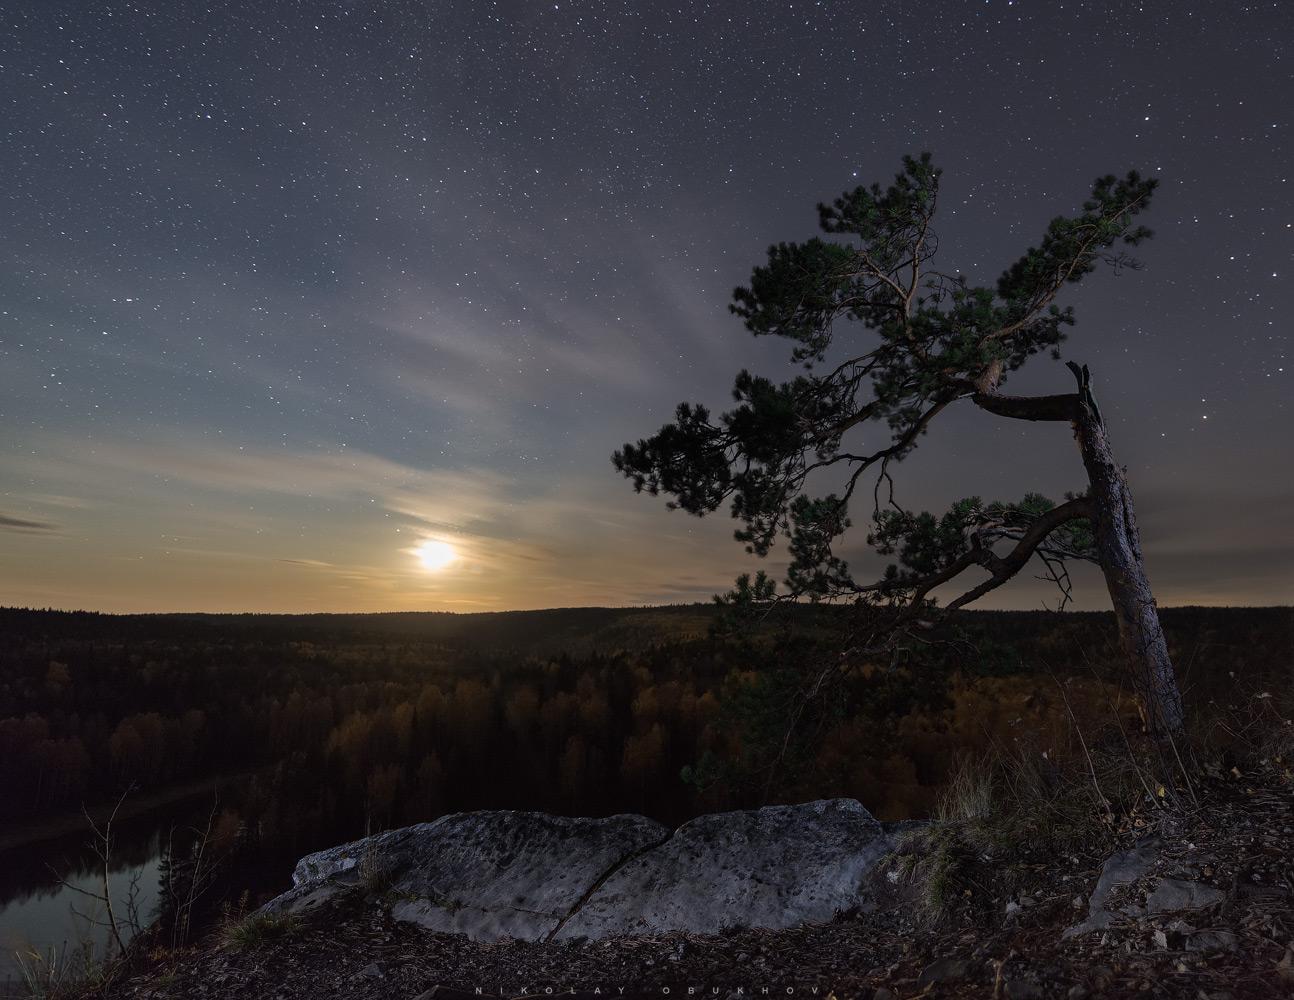 Фотография 28. На Омутном камне Николай Обухов демонстрировал, как фотографировать профессионально ночные пейзажи.